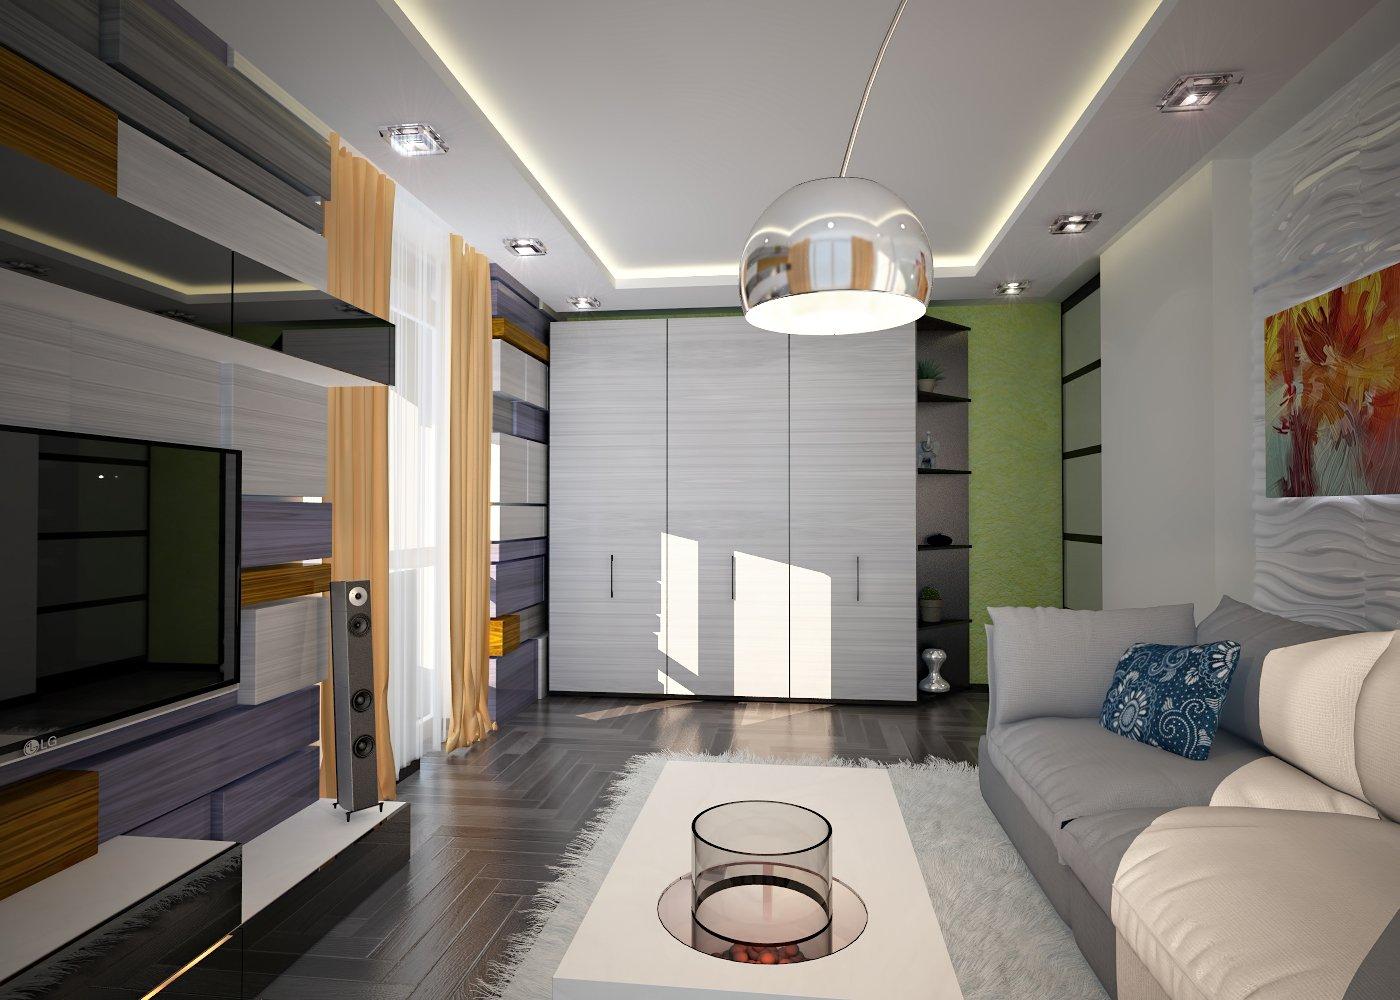 Дизайн интерьера гостинной фото Киев. ЖК Manhattan City